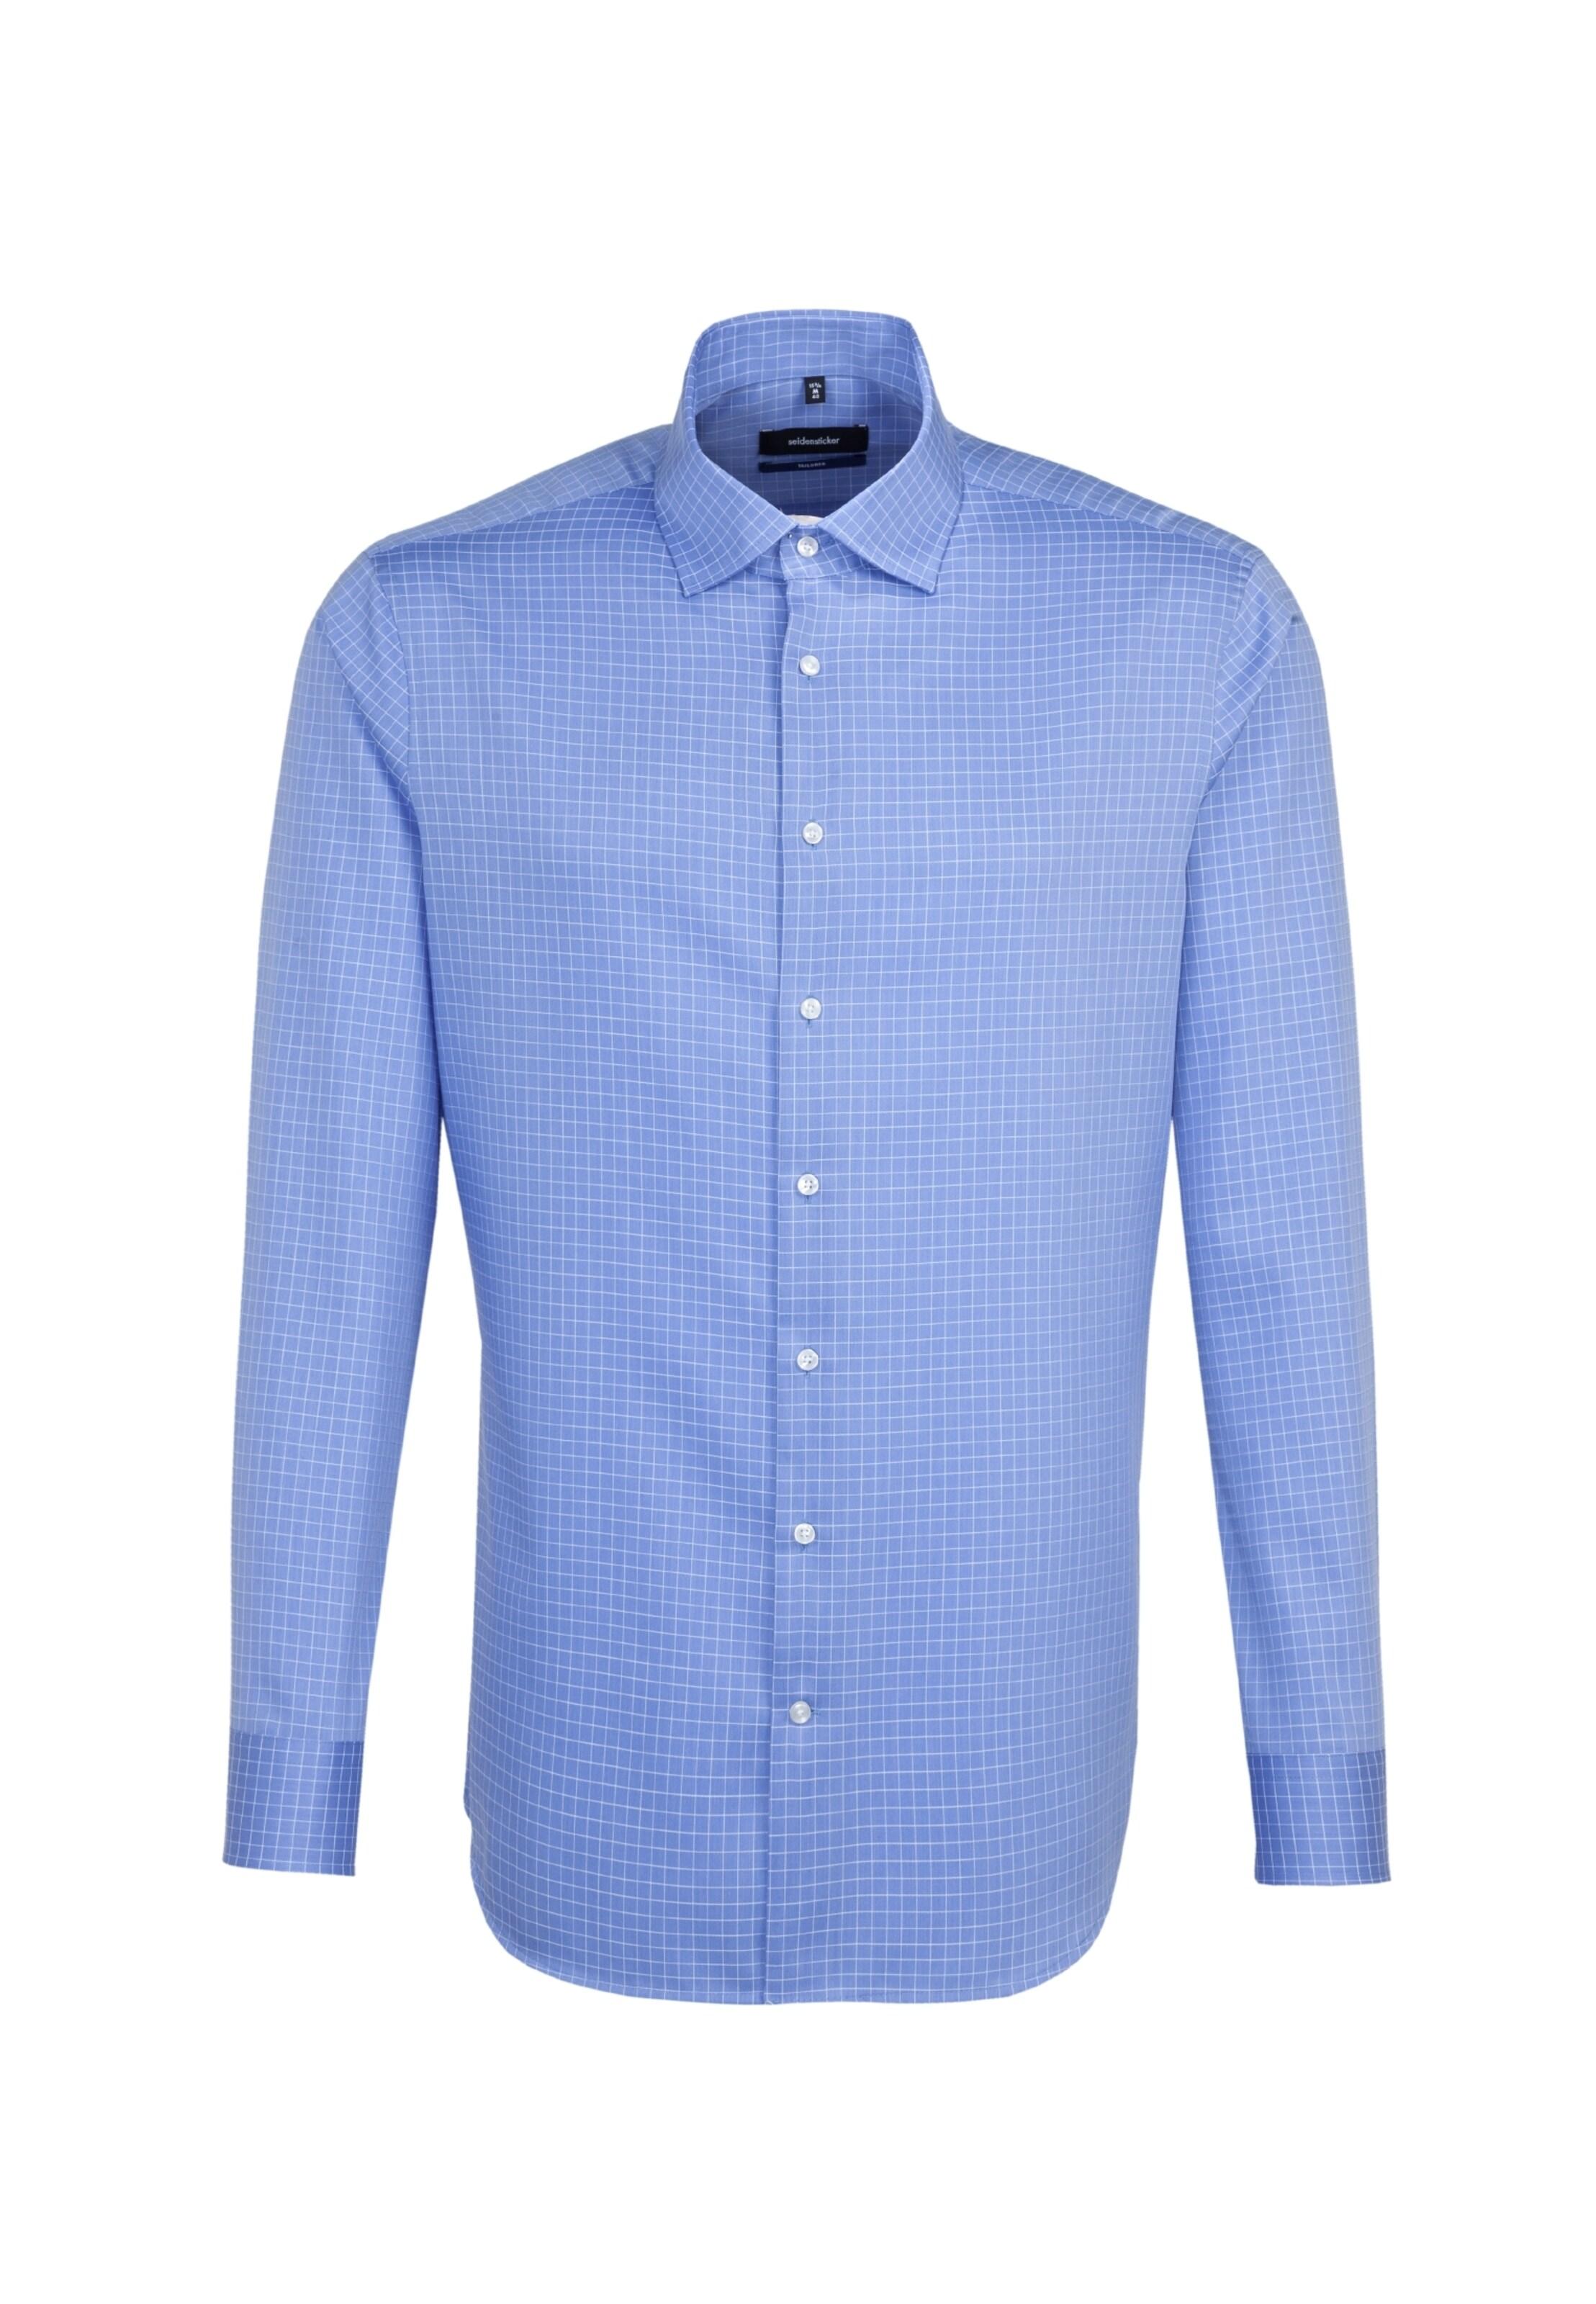 RauchblauWeiß Hemd In Seidensticker In Seidensticker Hemd P8n0NOkwX